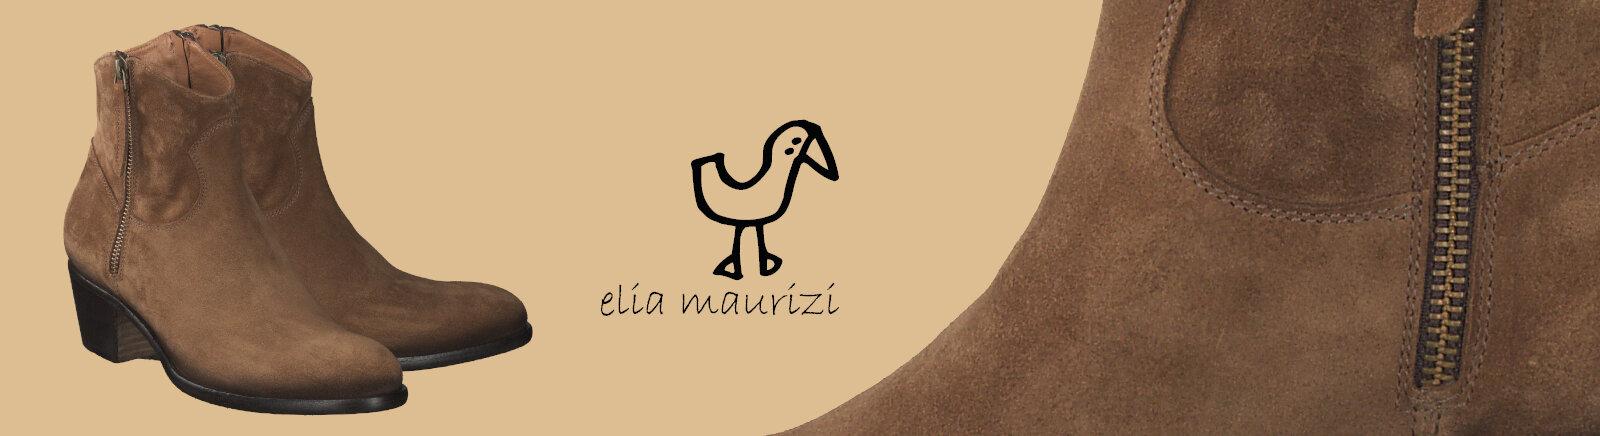 Juppen: Elia Maurizi Coole Biker Boots für Damen online shoppen